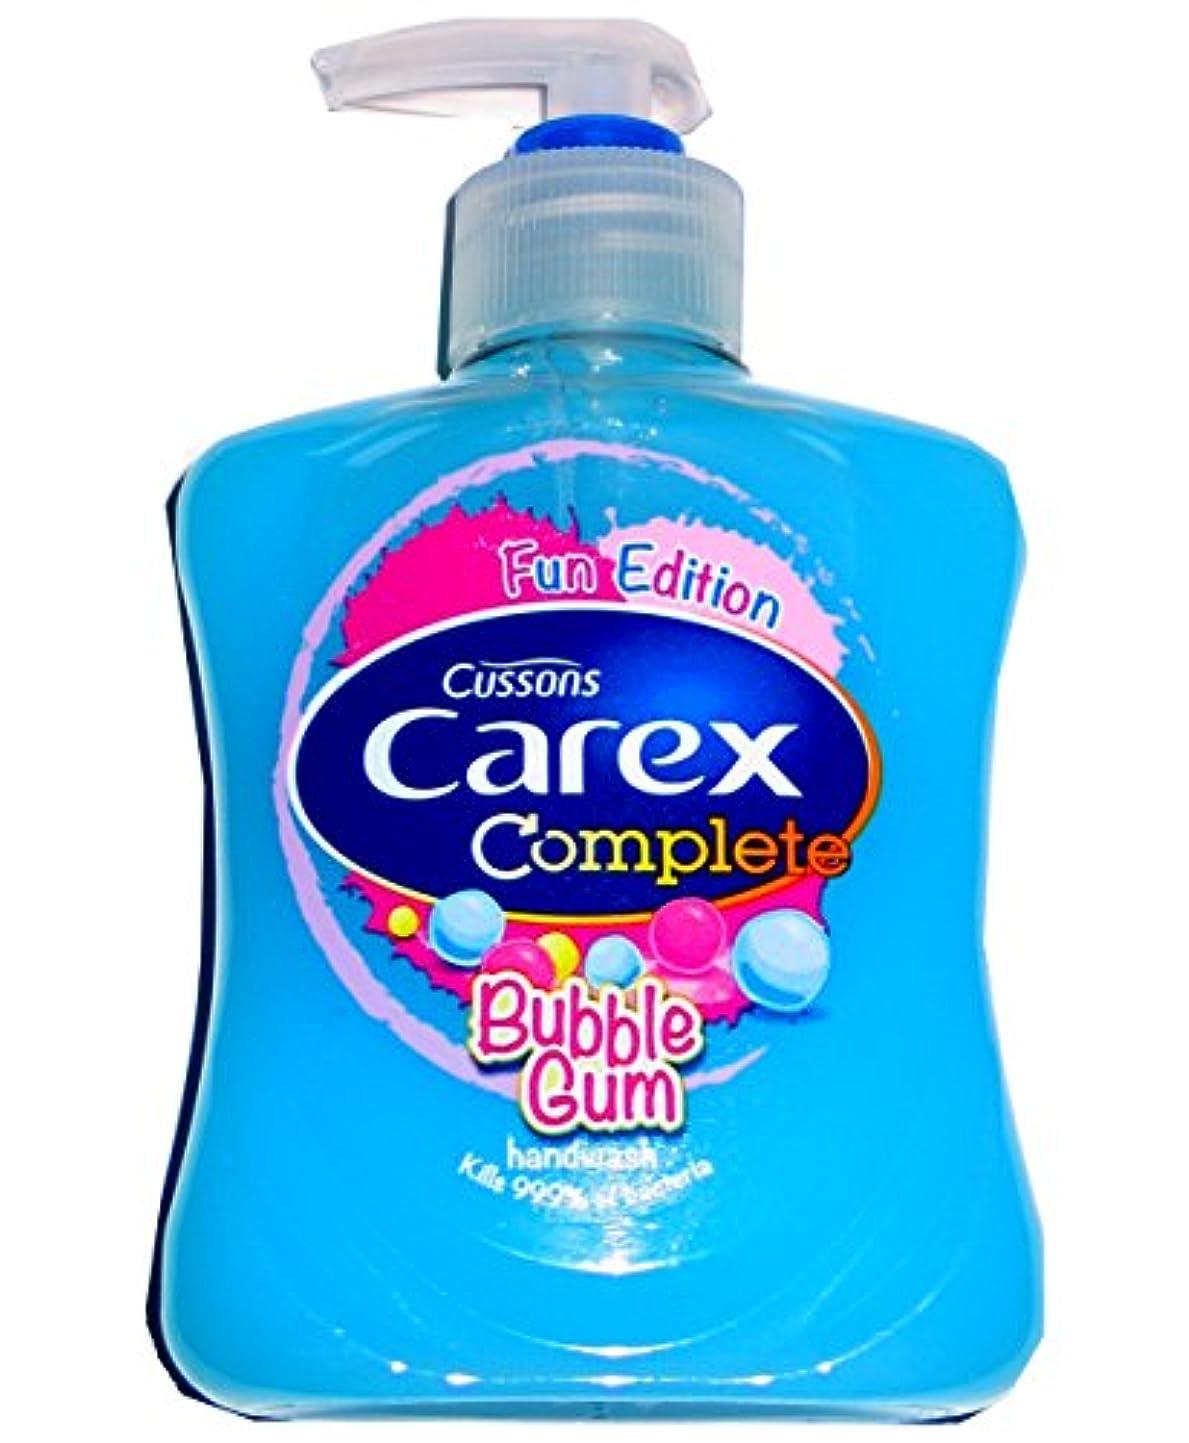 ファブリック区画アラビア語Cussons Carex Complete Anti Bacterial Hand Wash Kills 99% Of Bacteria (Bubble Gum) by Cussons